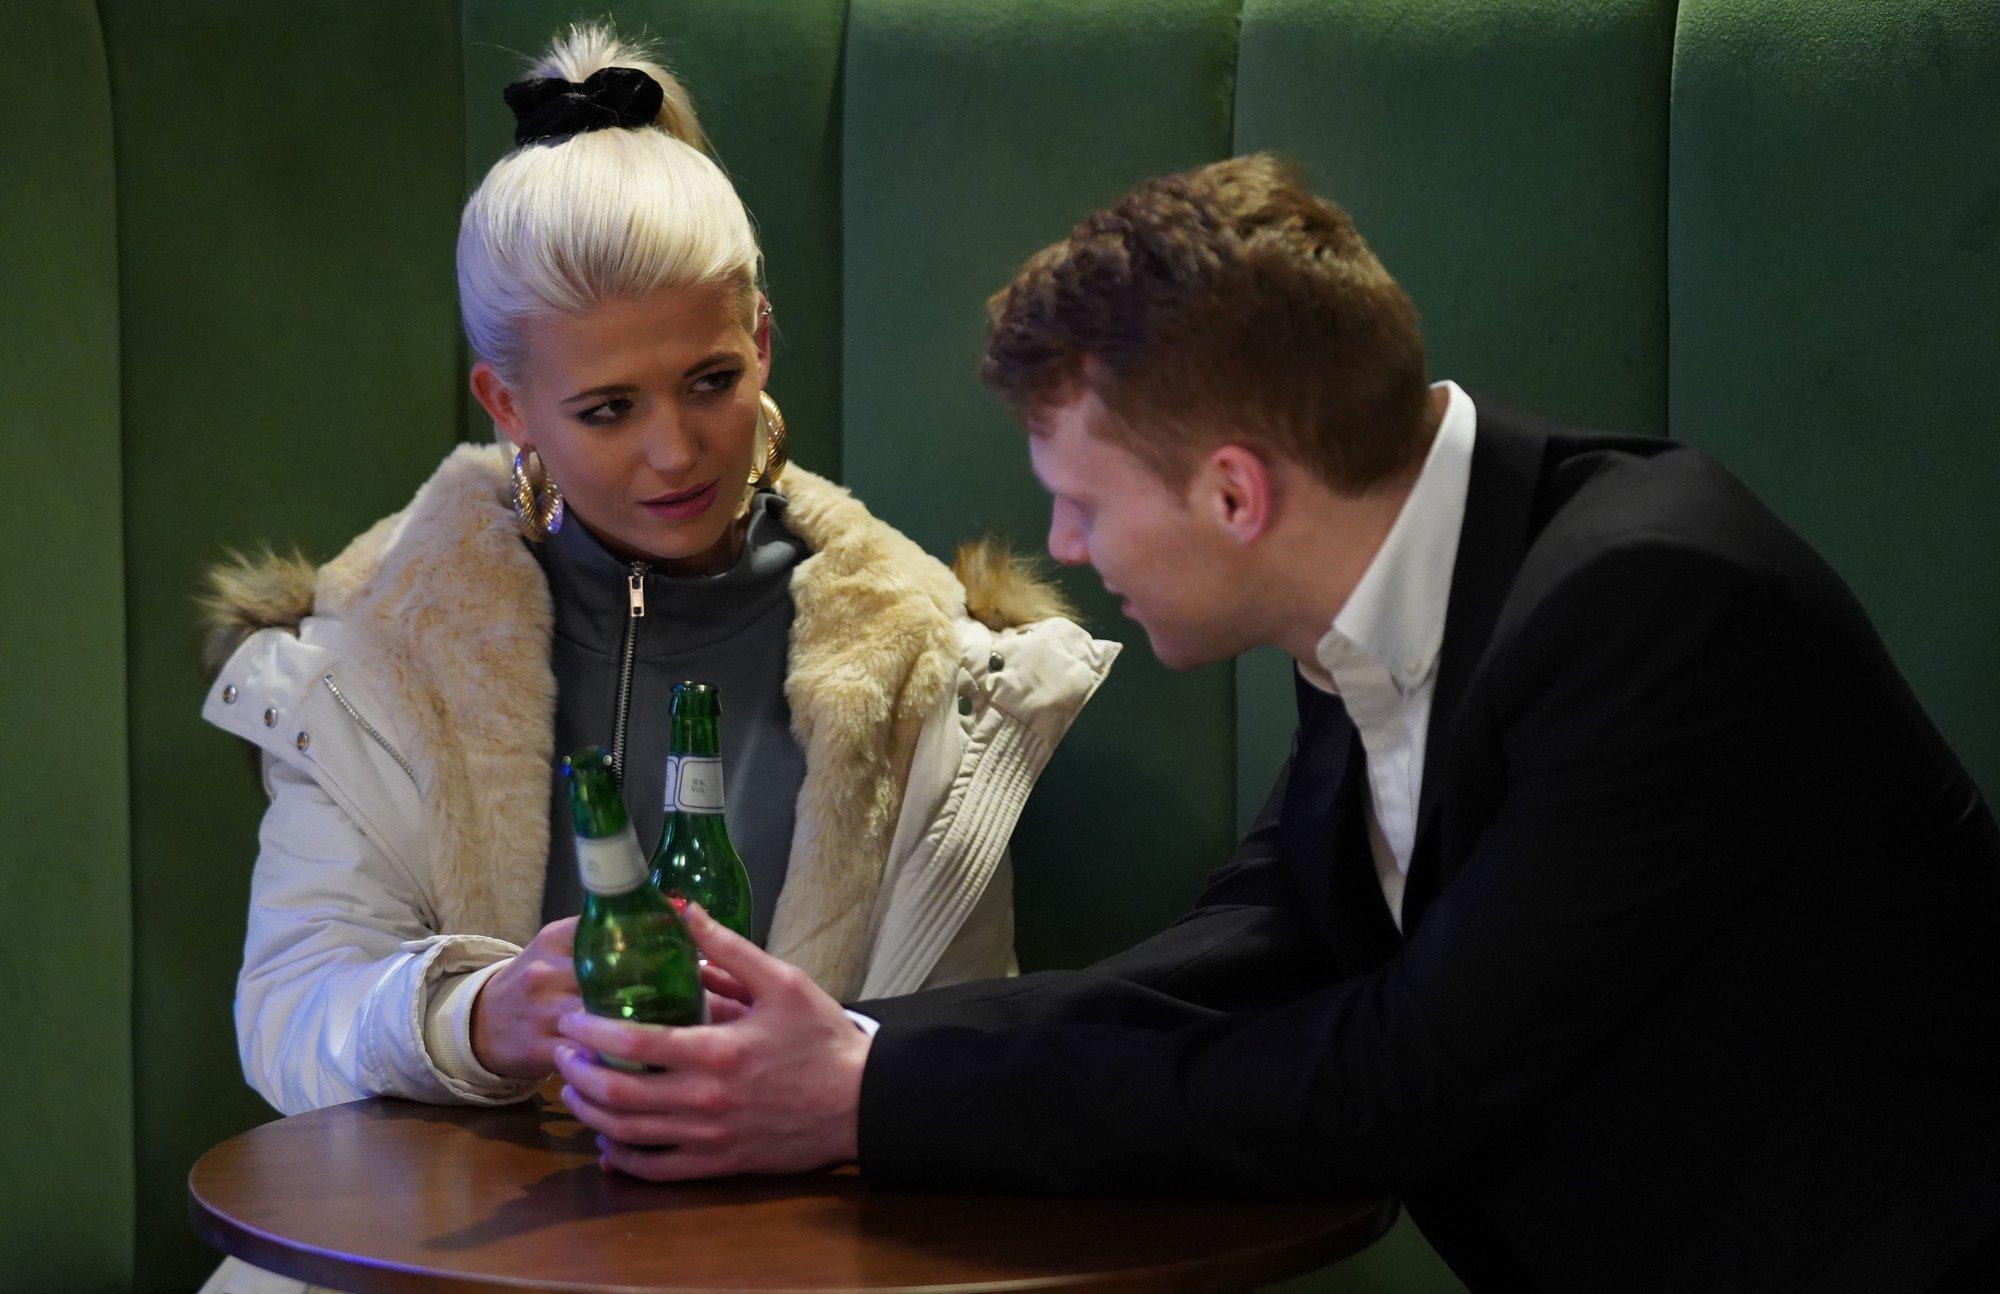 Lola Pearce and Jay Brown in EastEnders